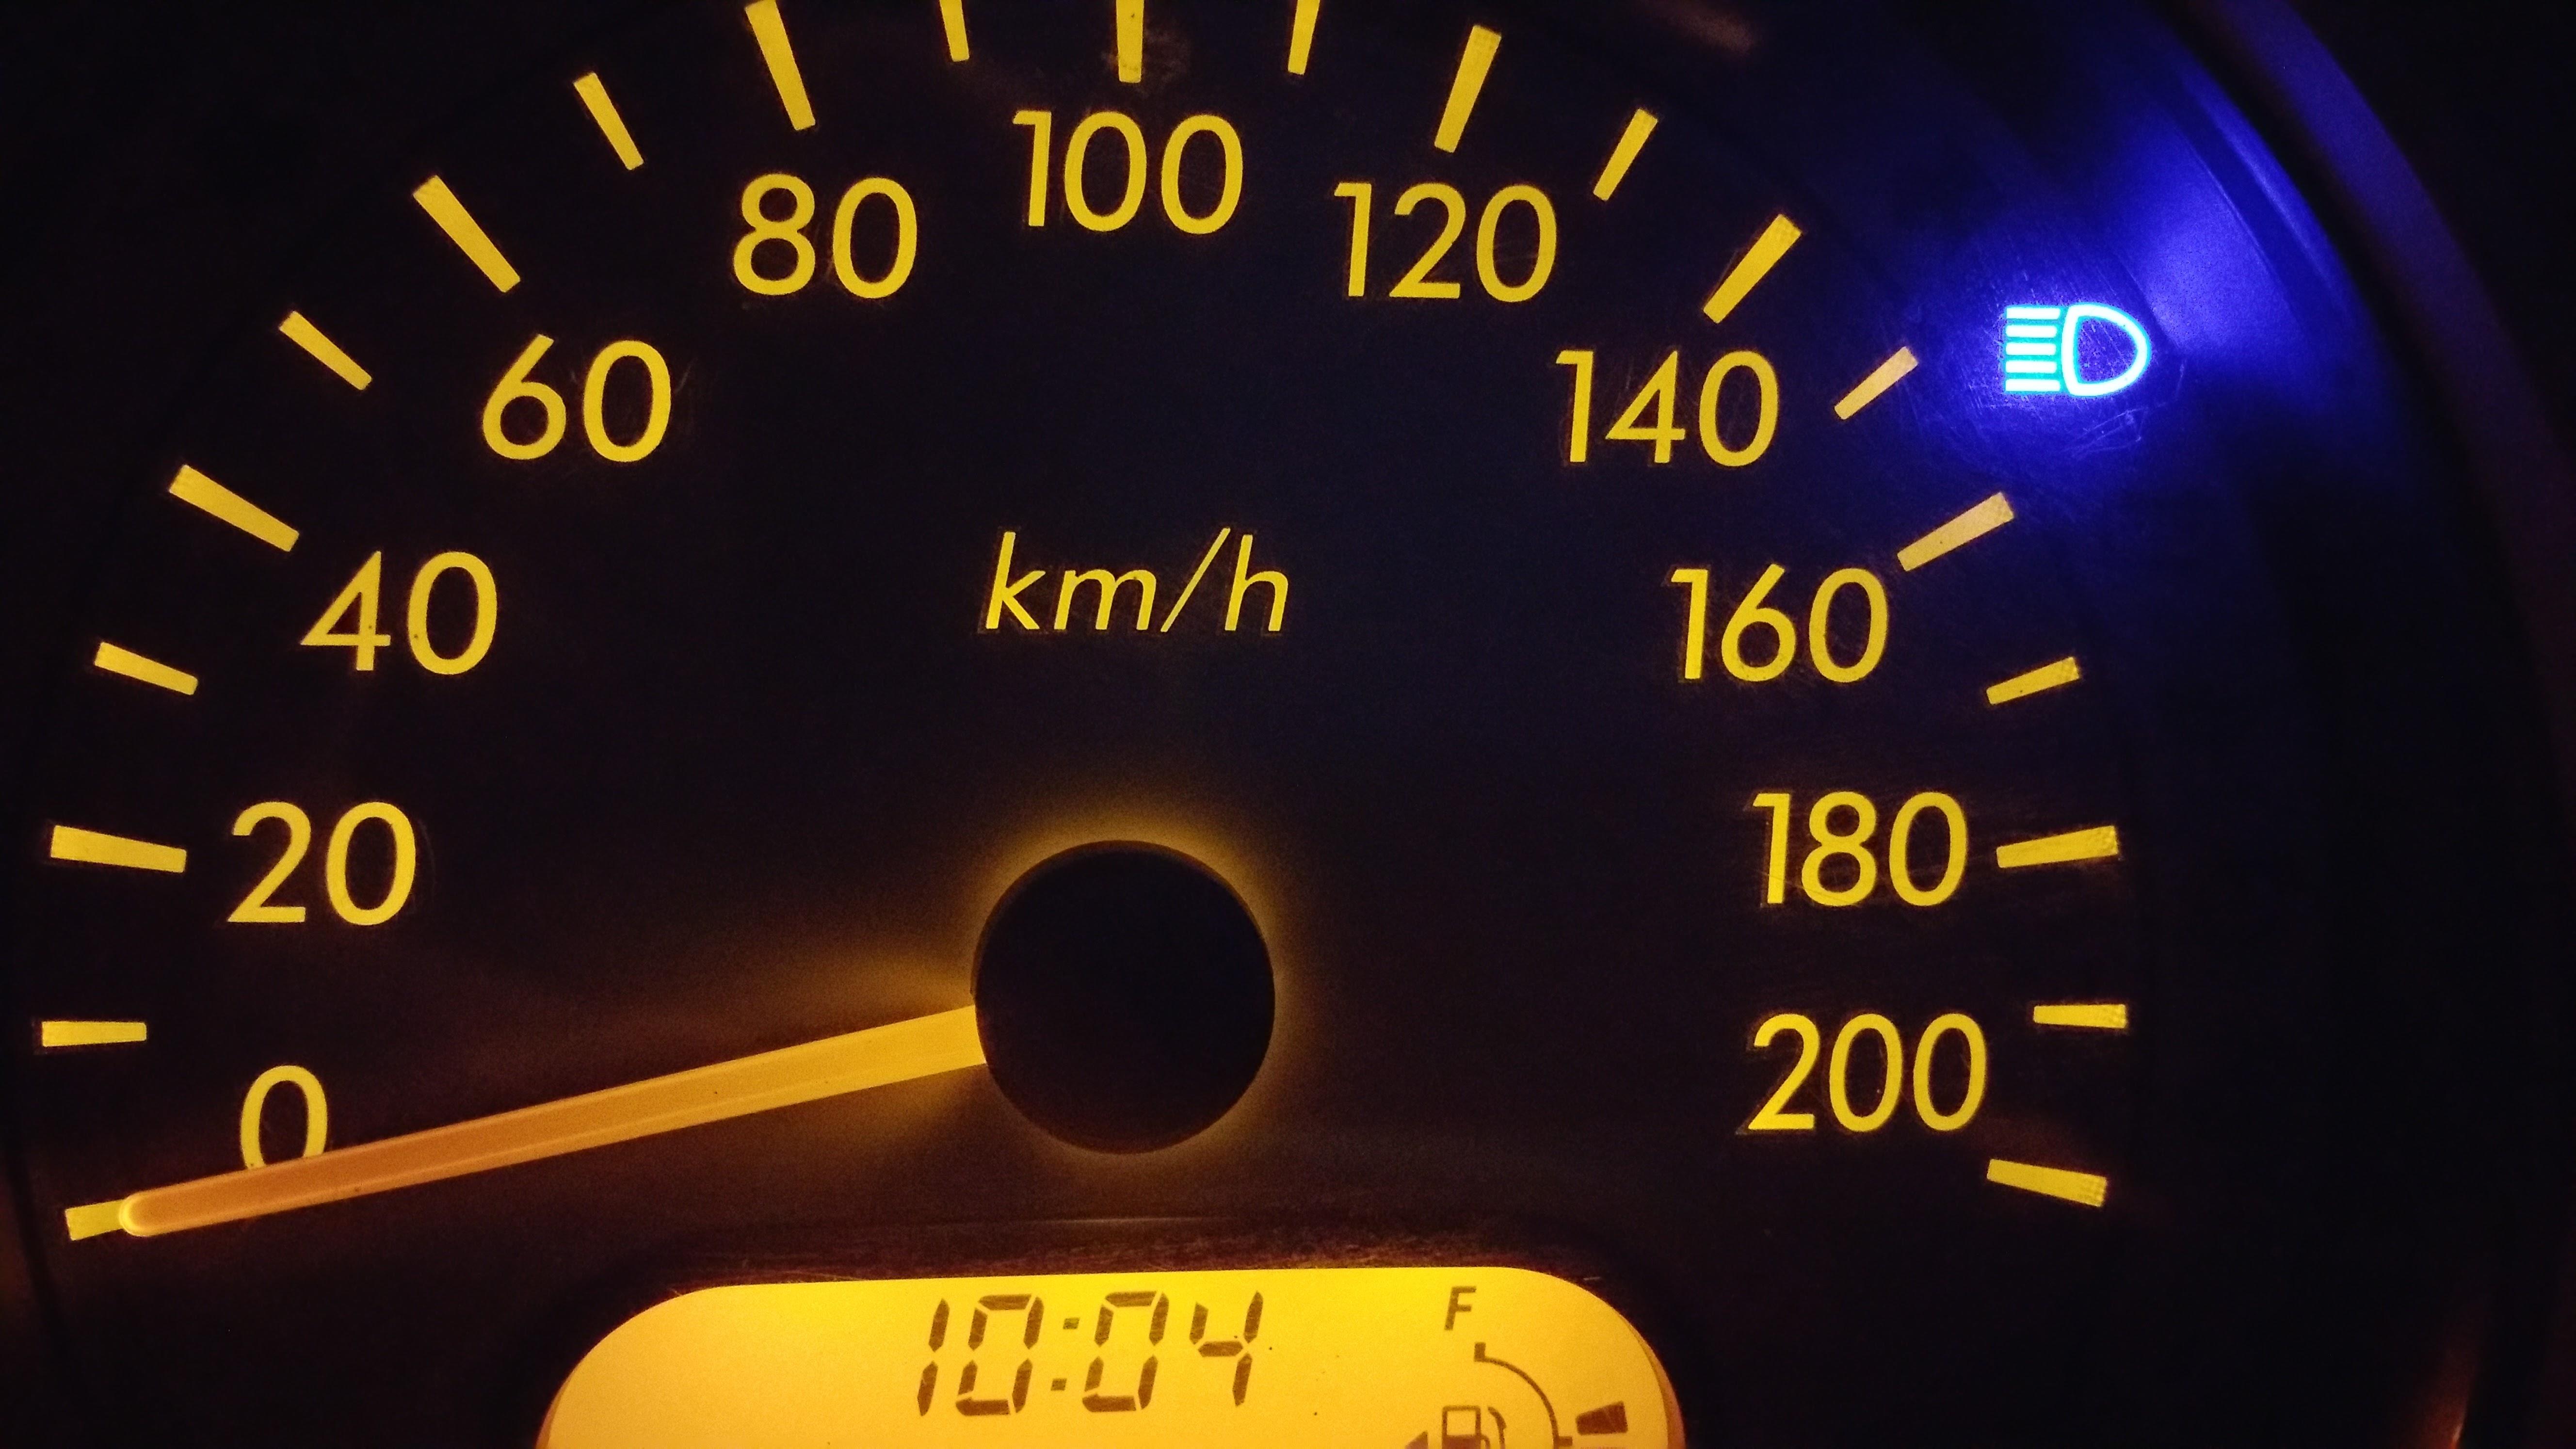 Analog Speedometer at 0